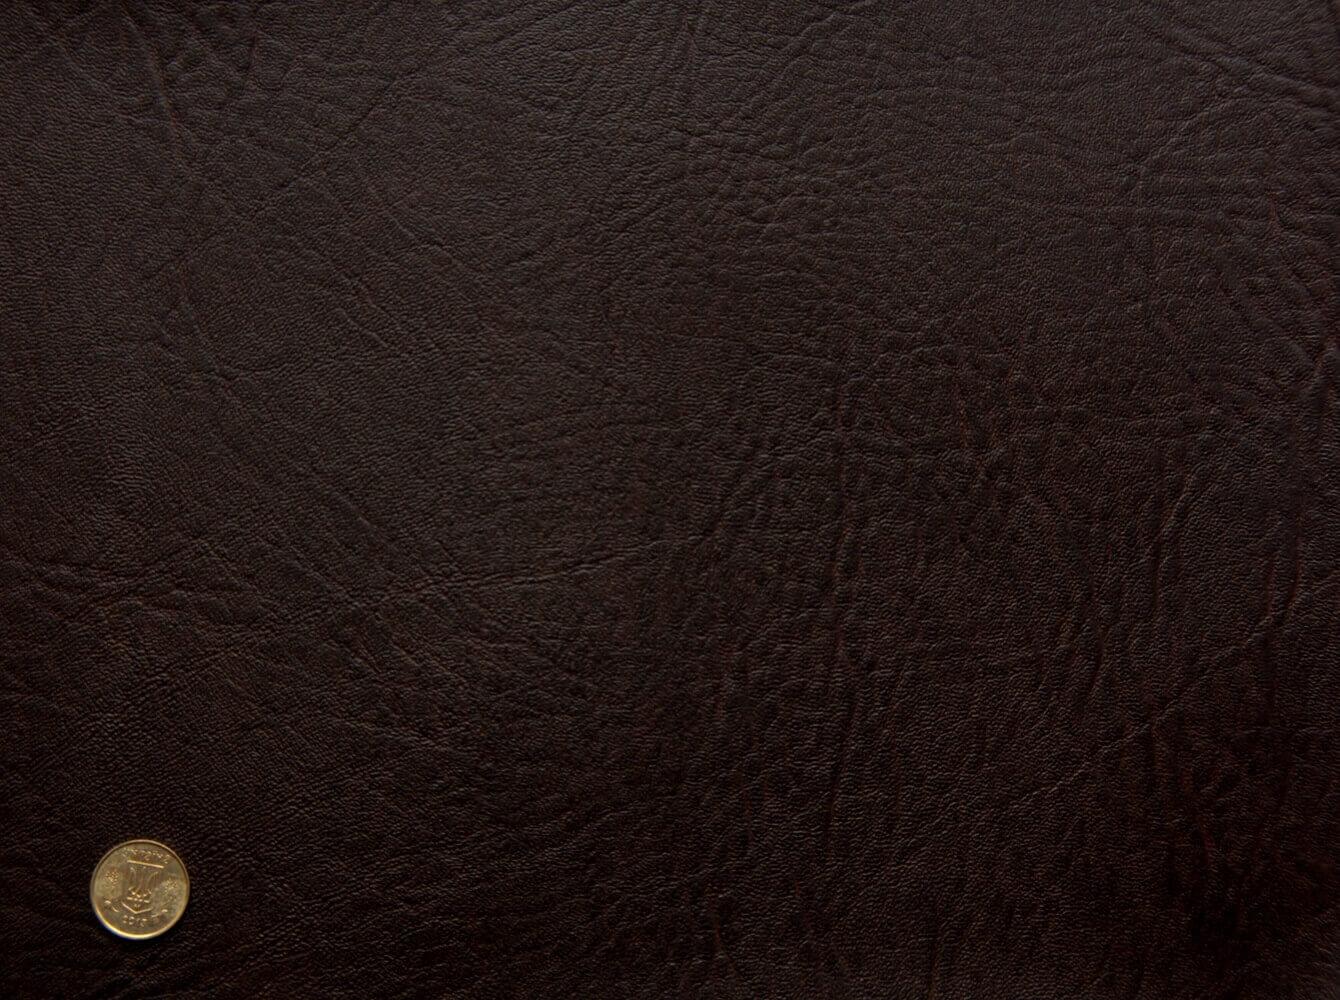 e55cfb7fdad81f Штучна шкіра Візерунок «Hartferd» для виготовлення взуття - Замовити  екошкіру оптом для взуття від виробника Vinisan